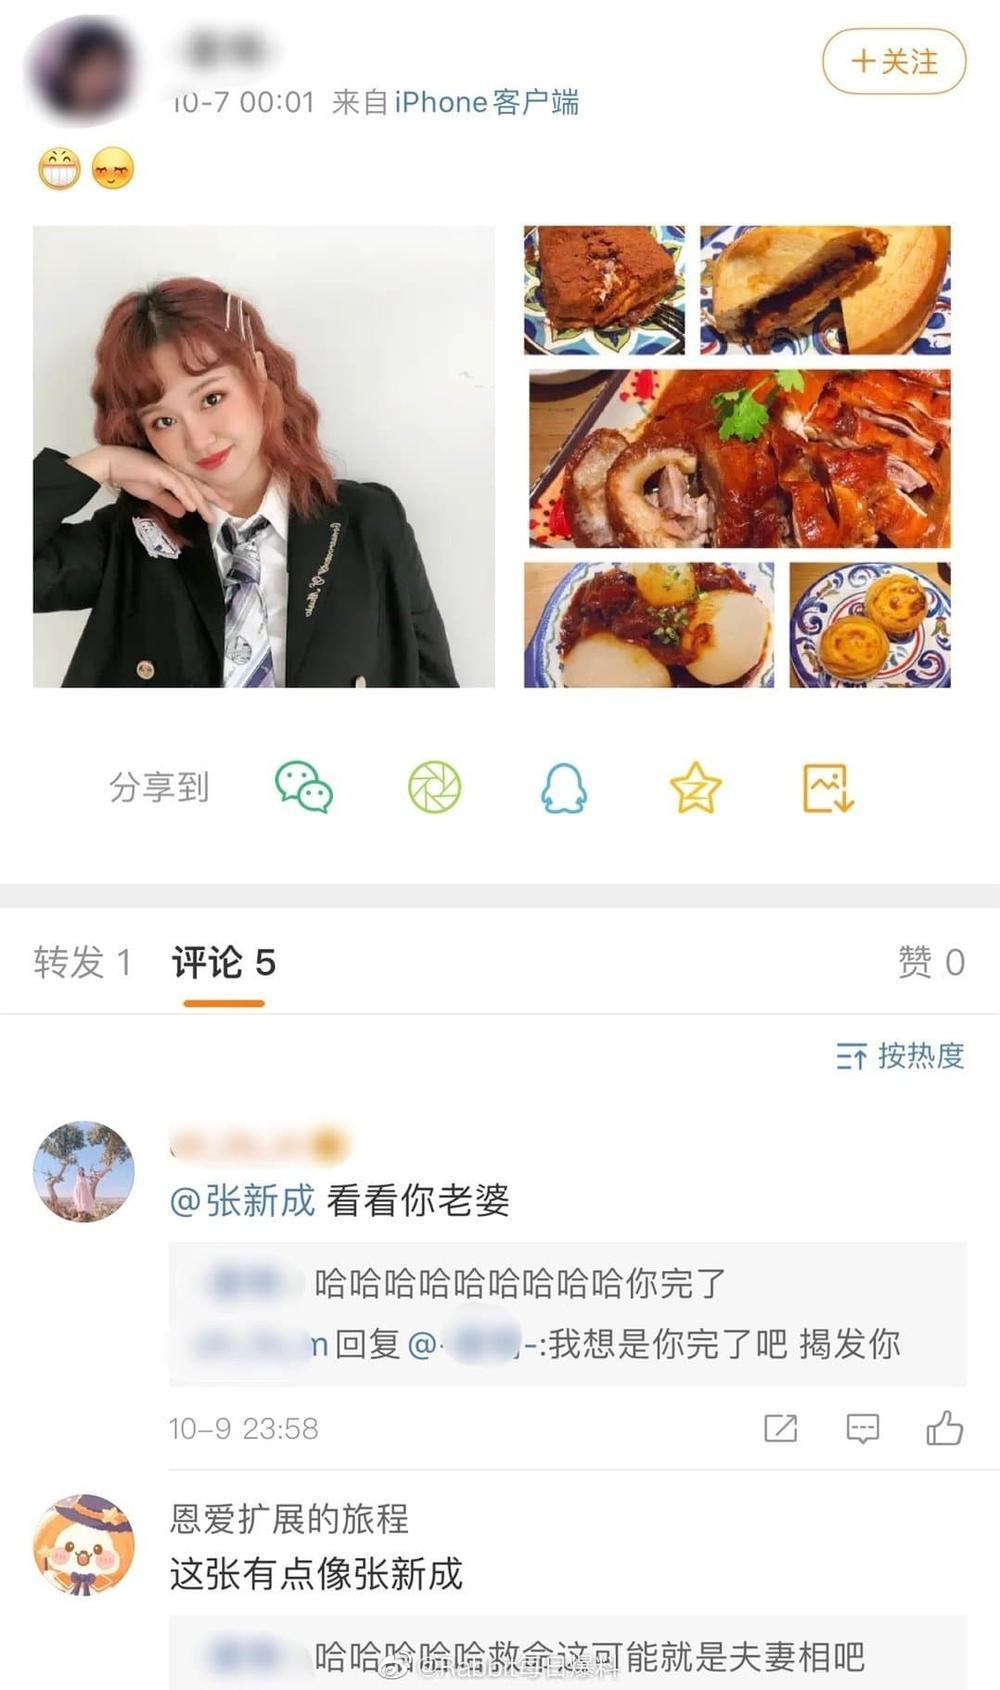 Trương Tân Thành hiện đang hẹn hò với chính thợ chụp ảnh của mình? Ảnh 3